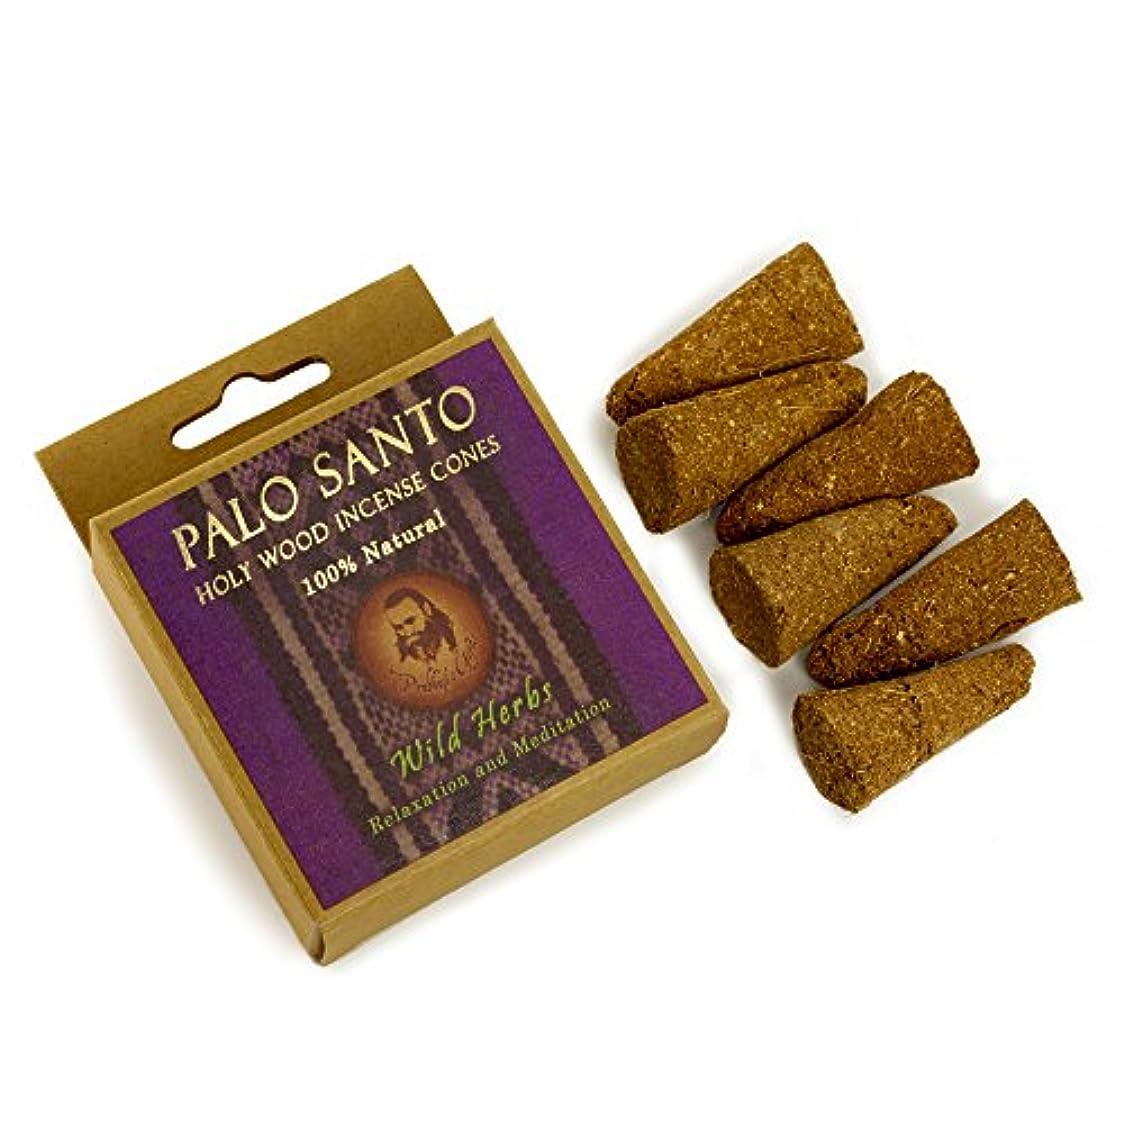 口粉砕する才能のあるPalo Santo and Wild herbs – Relaxation &瞑想 – 6 Incense Cones